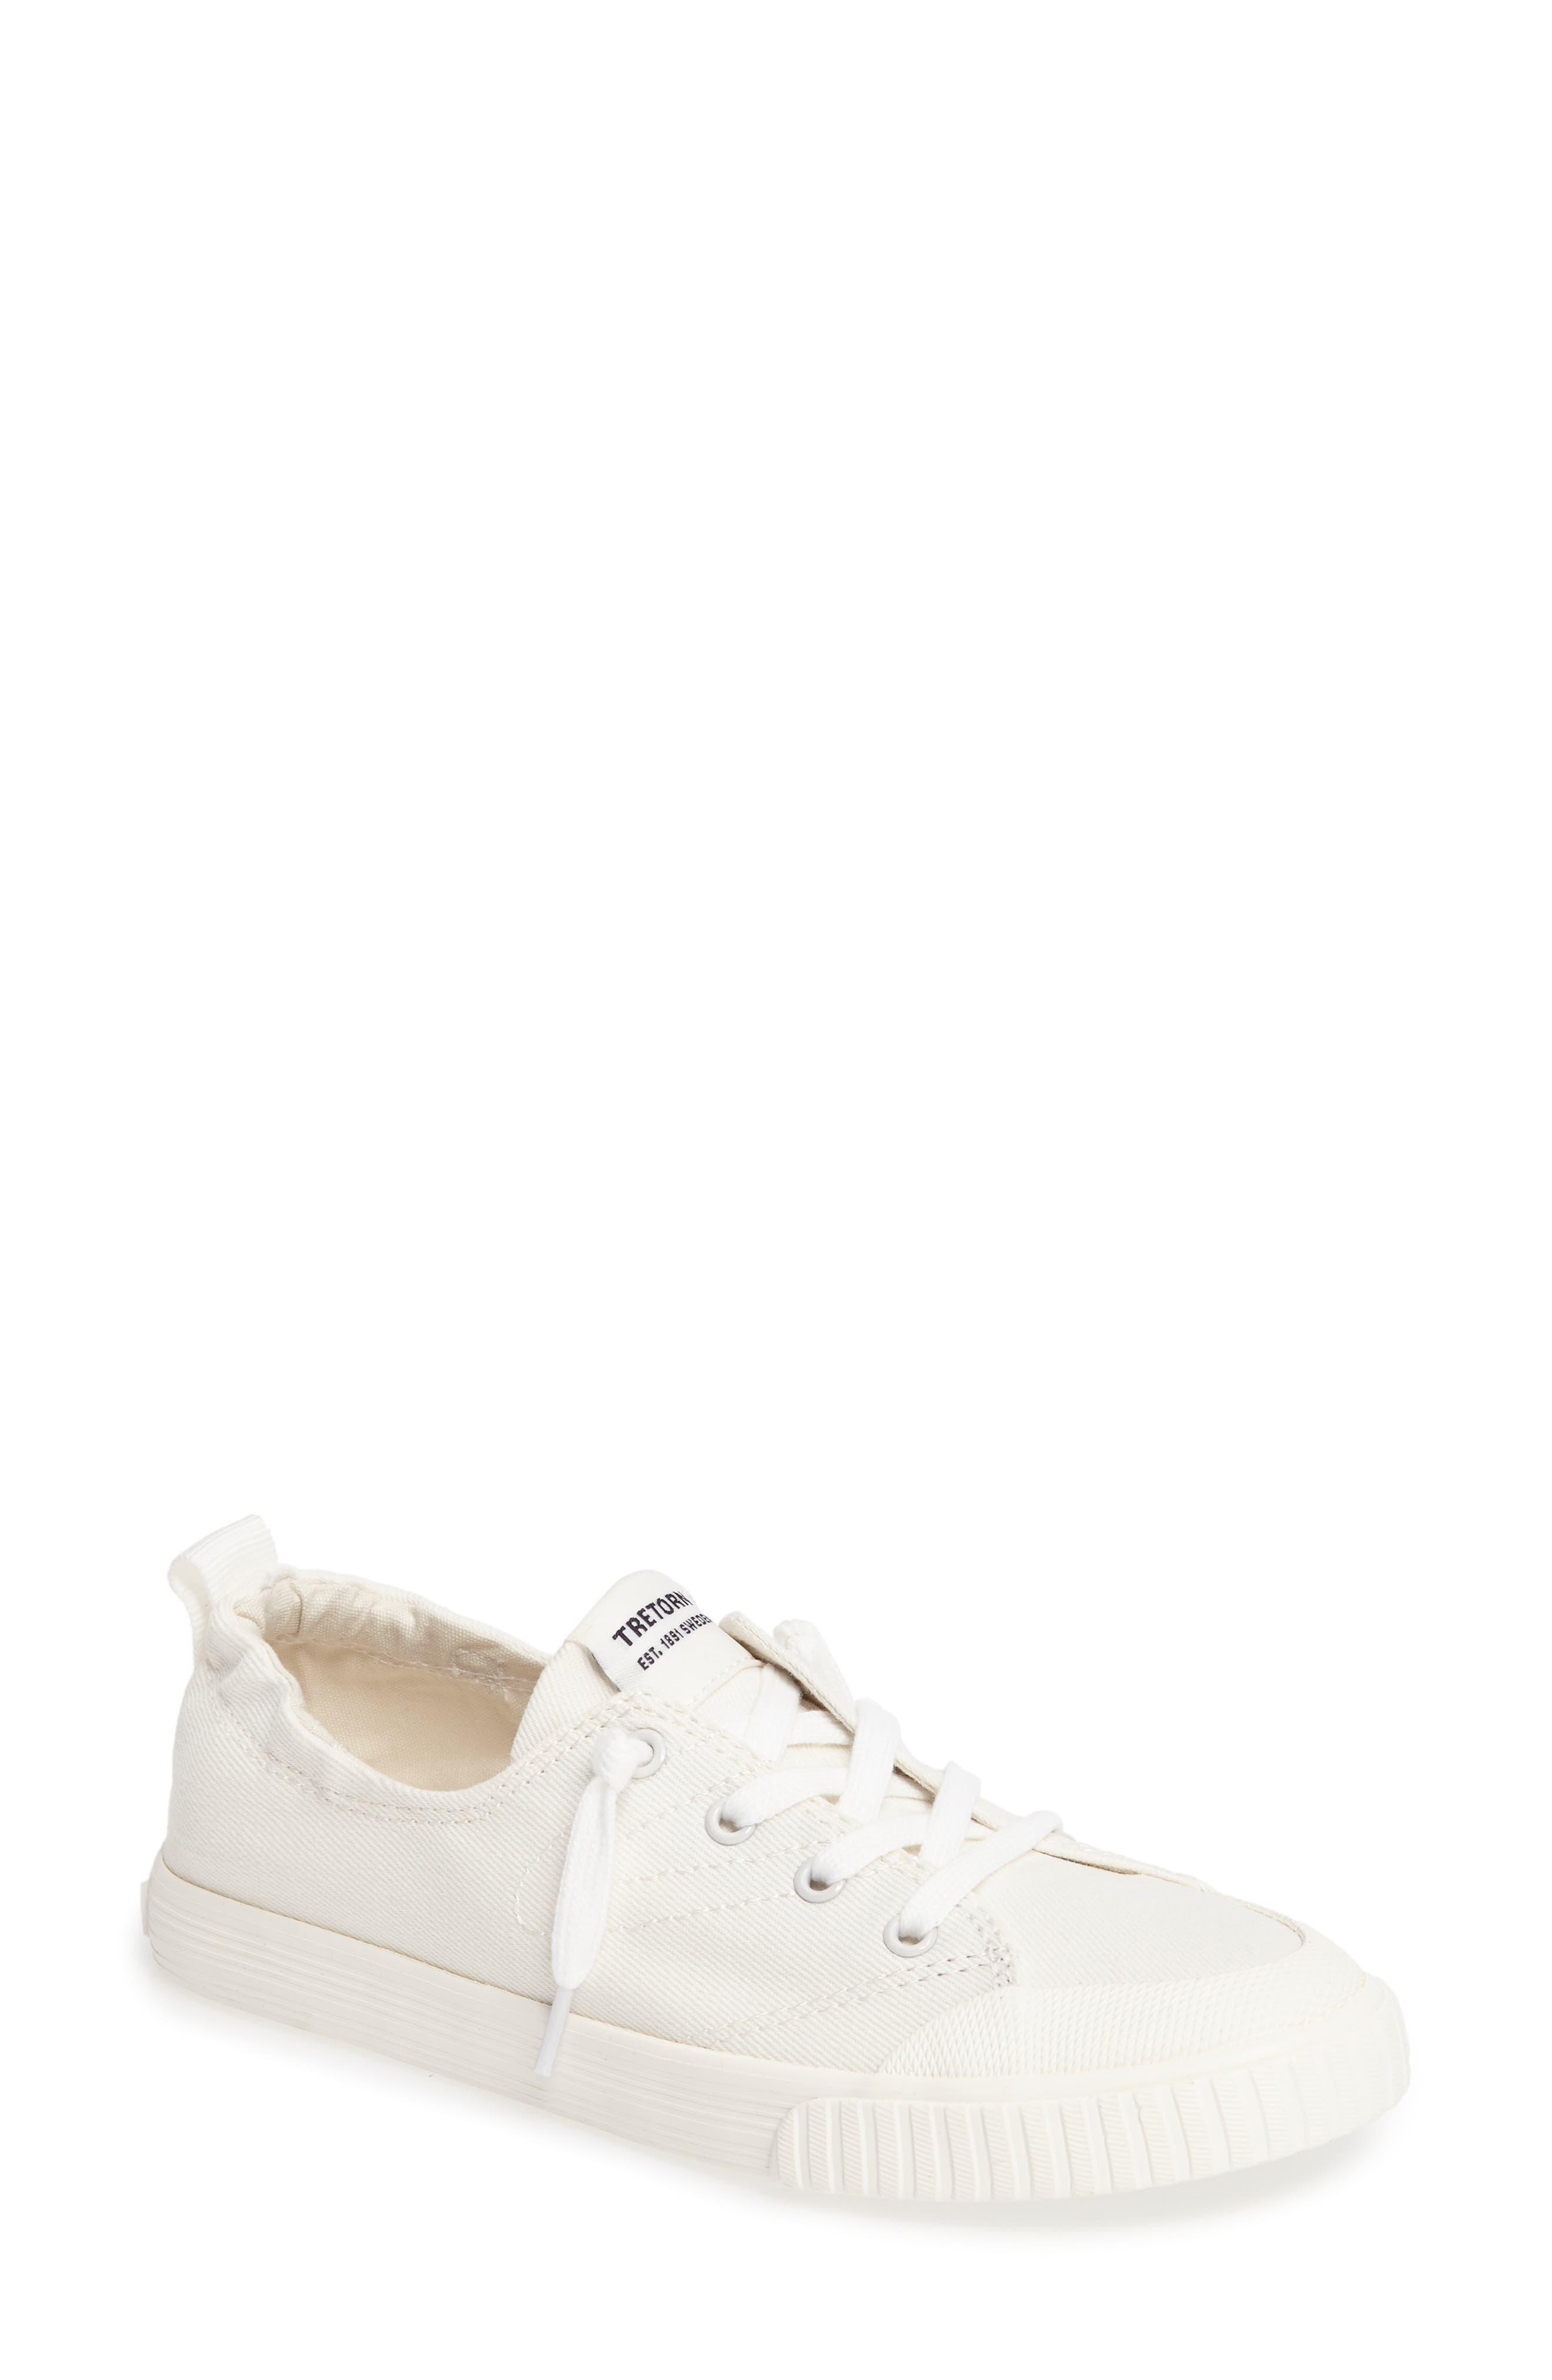 Tretorn Meg Slip-On Sneaker (Women)